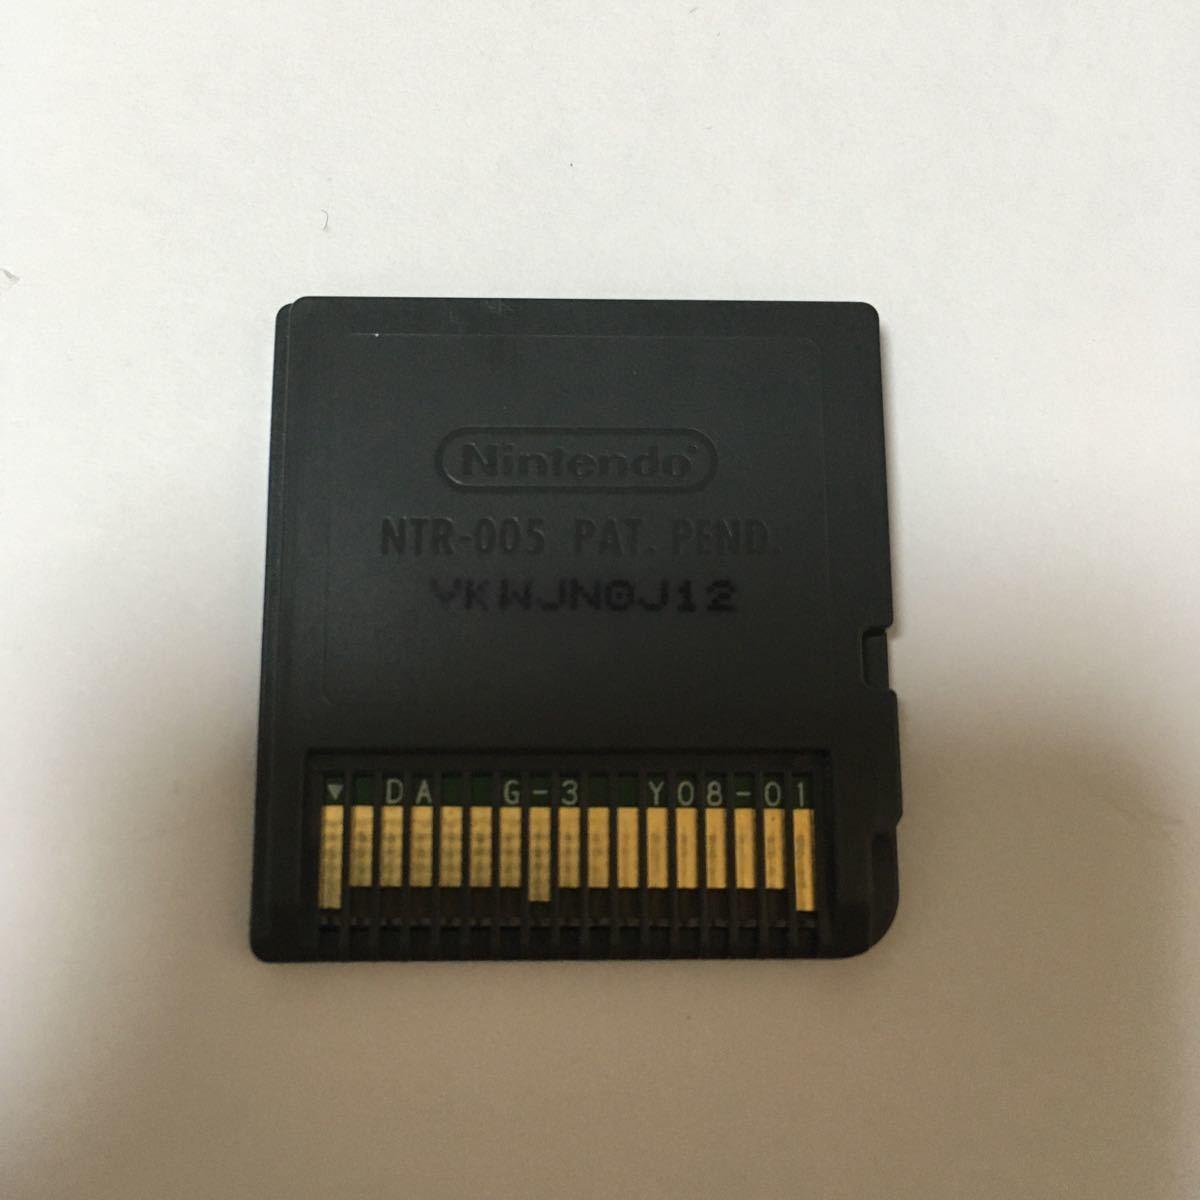 ニンテンドーDS ソフト 星のカービィ ウルトラスーパーデラックス 動作確認済み レトロ ゲーム カービー 任天堂 カセット